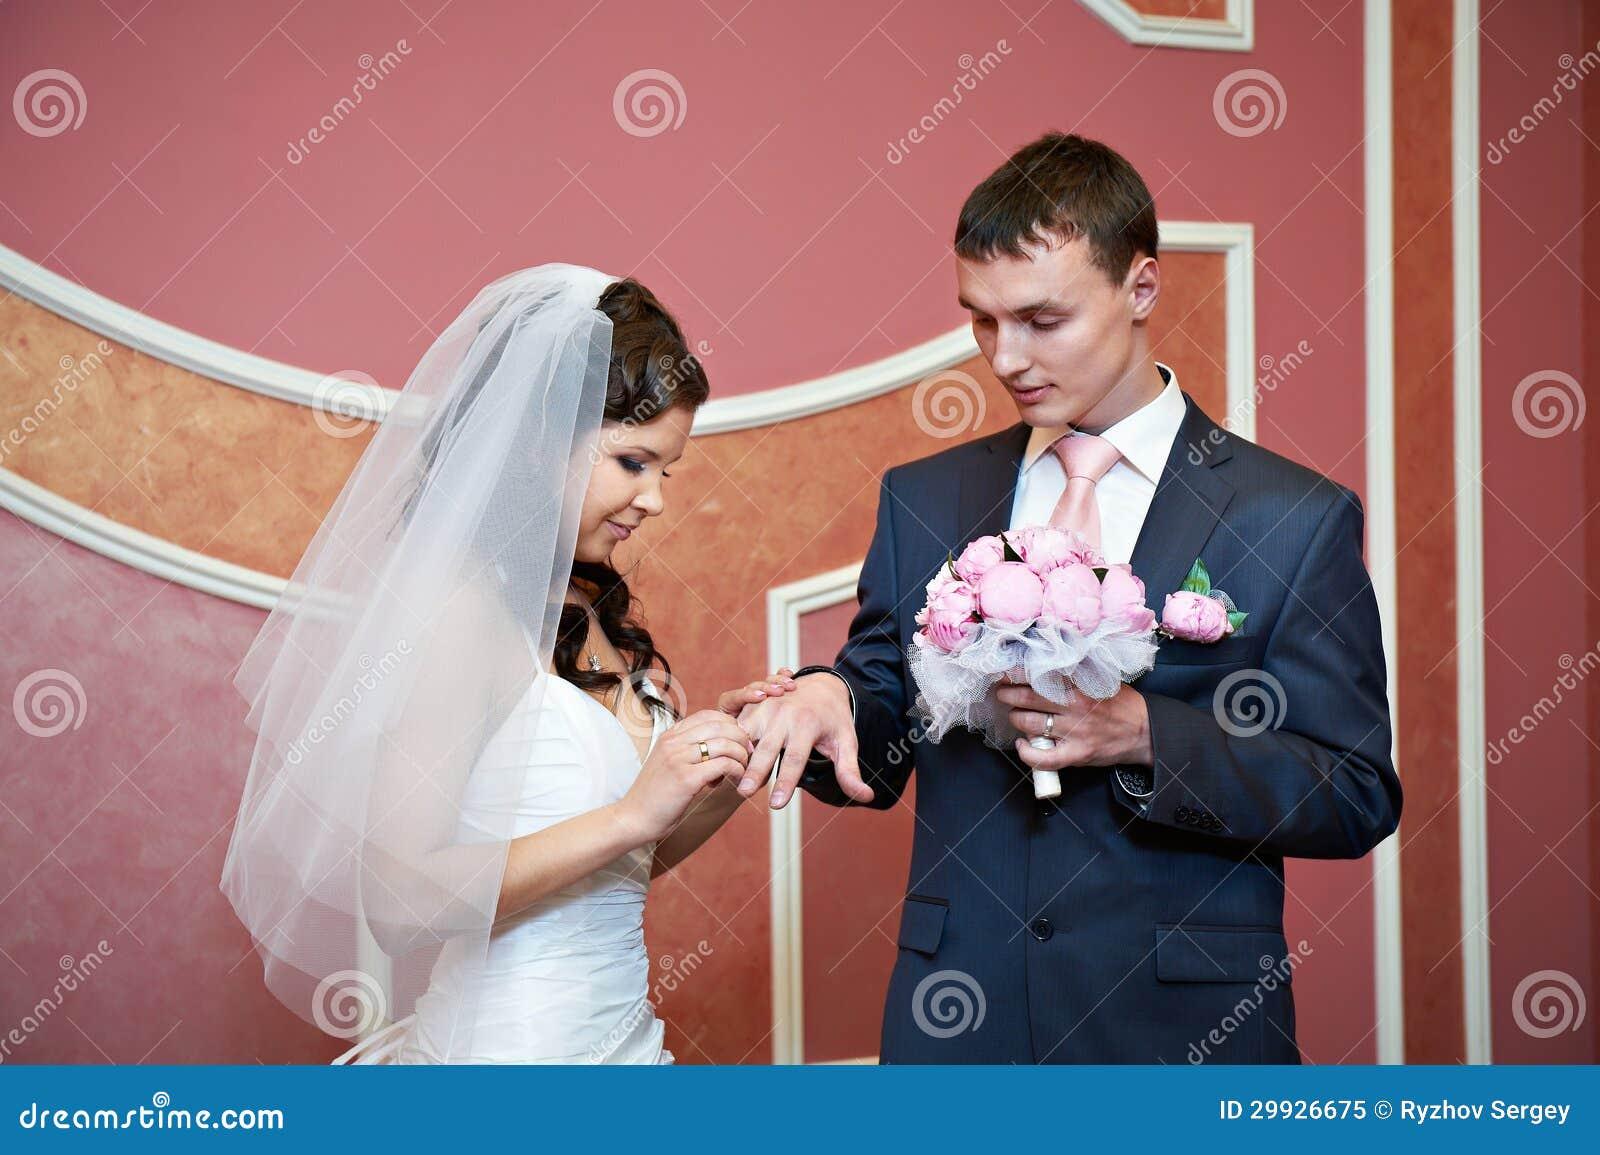 Schönheitsbraut trägt Ehering auf Finger des eleganten Bräutigams